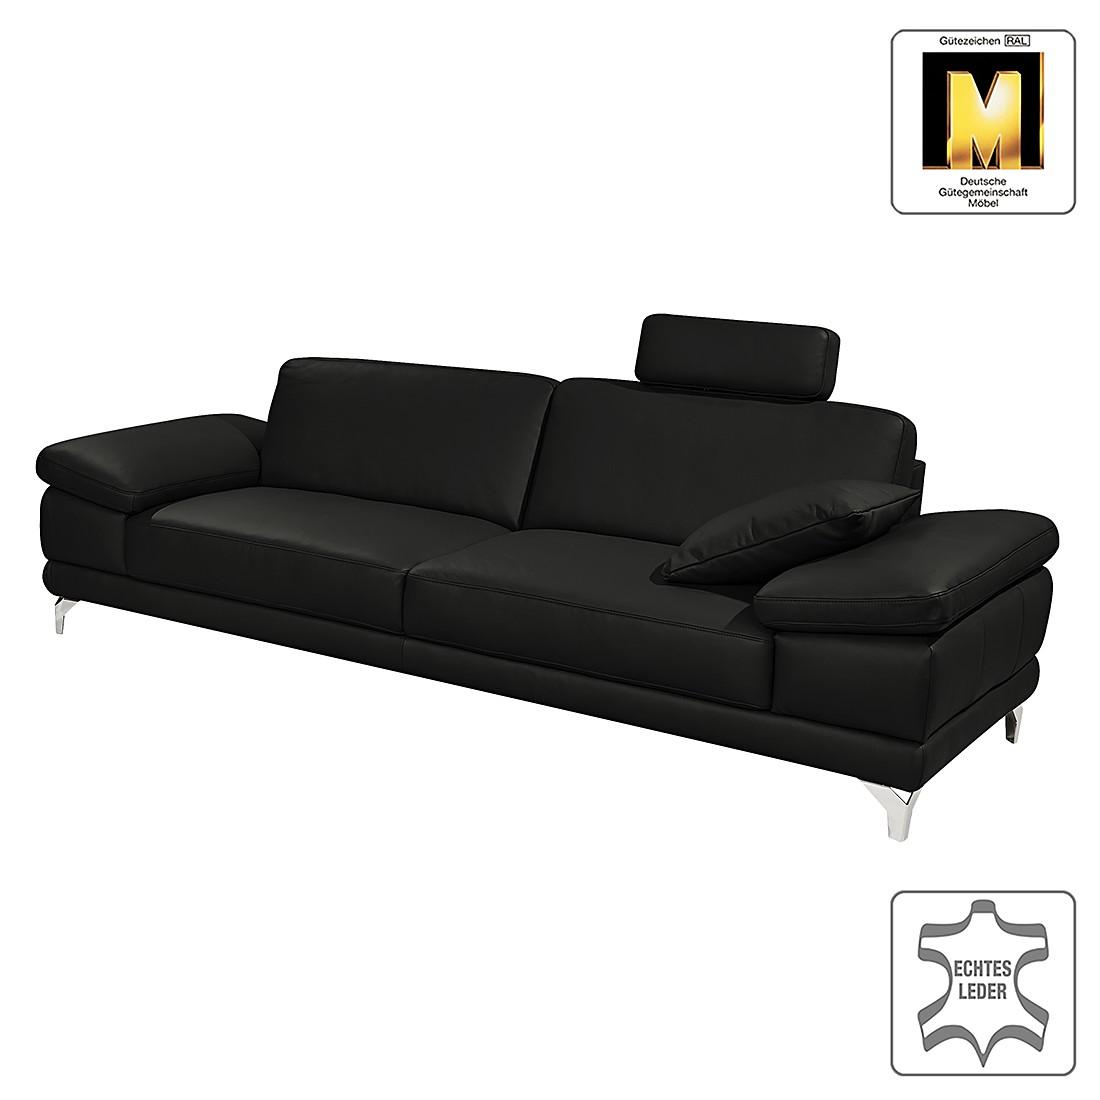 Sofa Casual Line (3-Sitzer) – Echtleder – Verstellbare Armlehnen – Schwarz – Gedecktes Dickleder, Claas Claasen jetzt kaufen